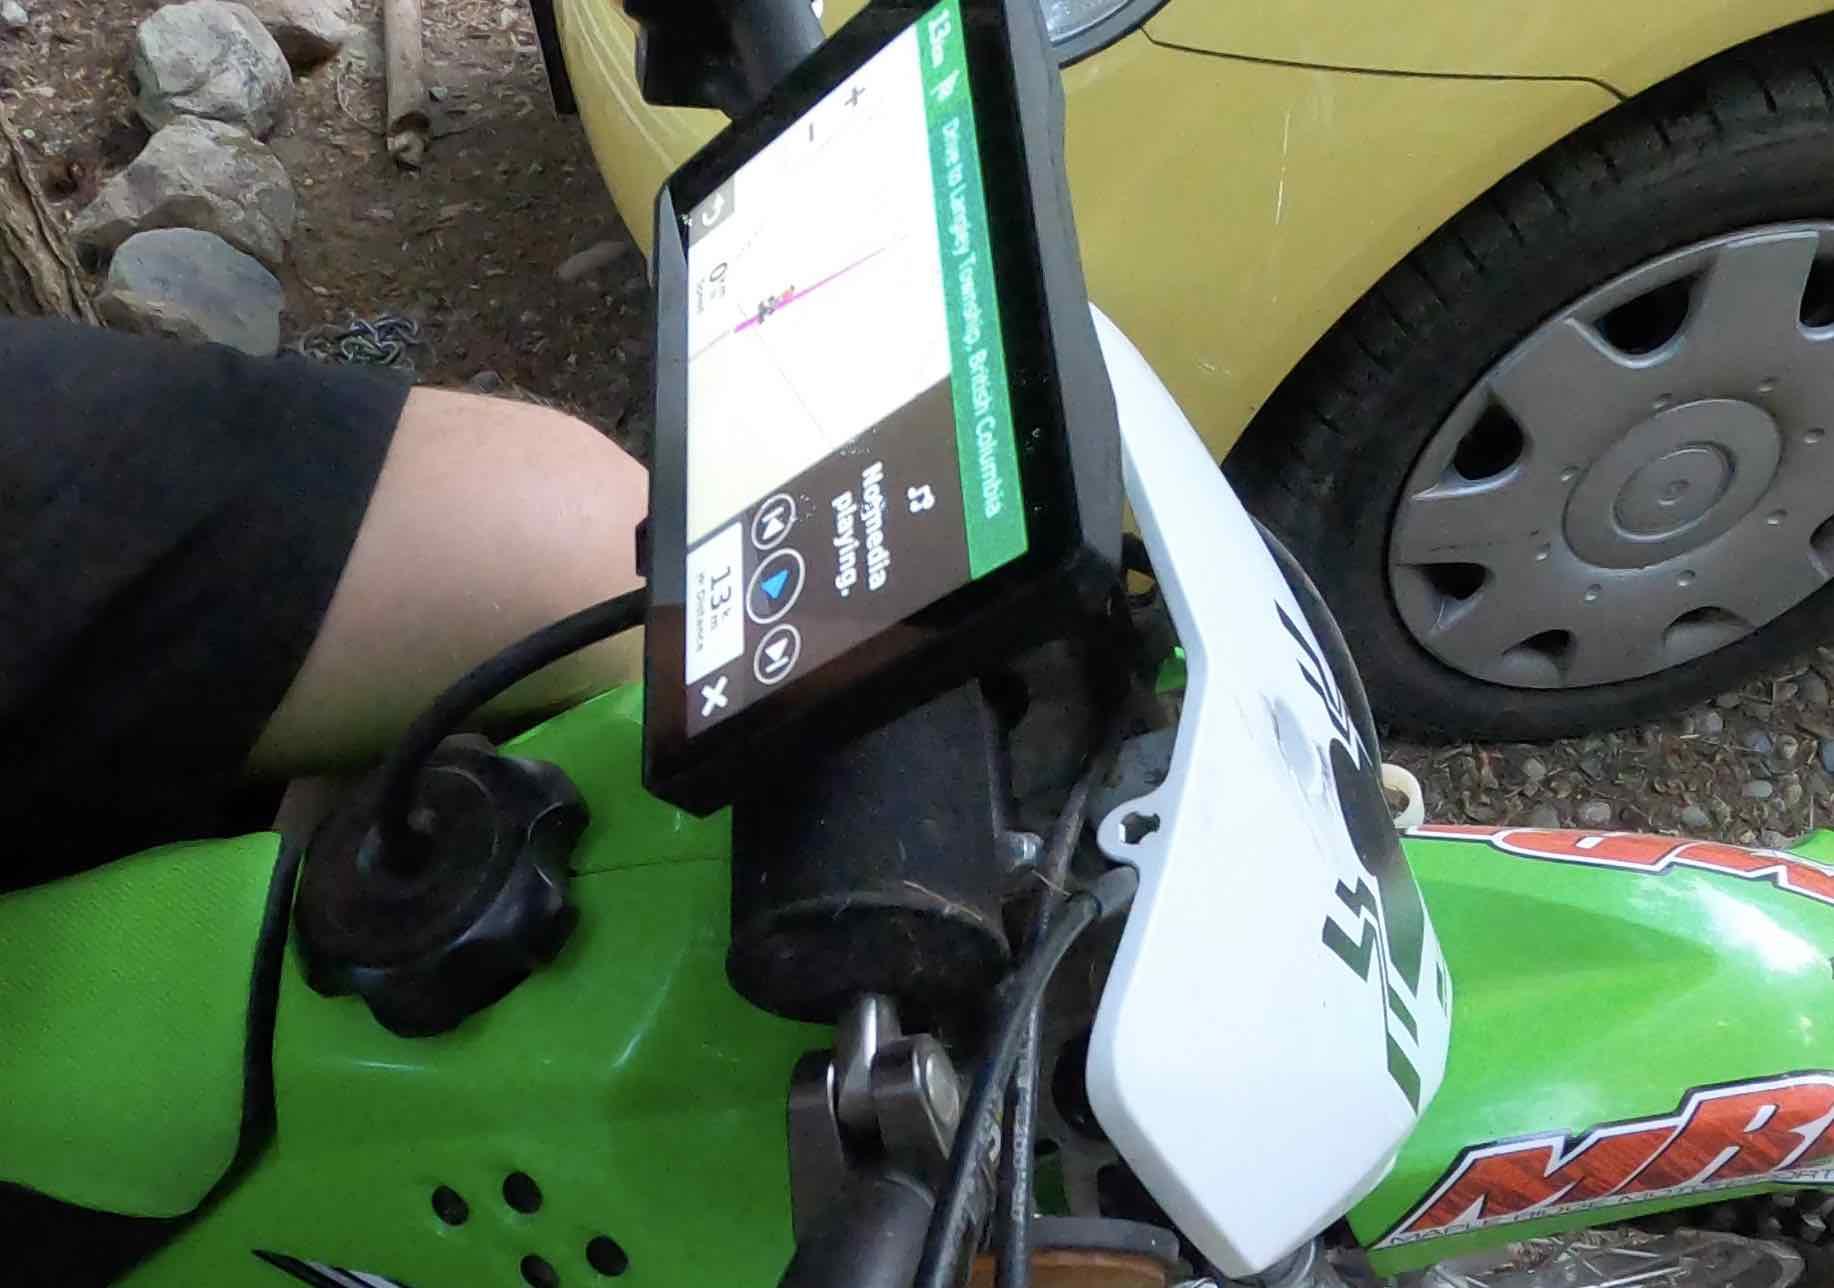 Garmin Zumo XT Motorbike GPS review